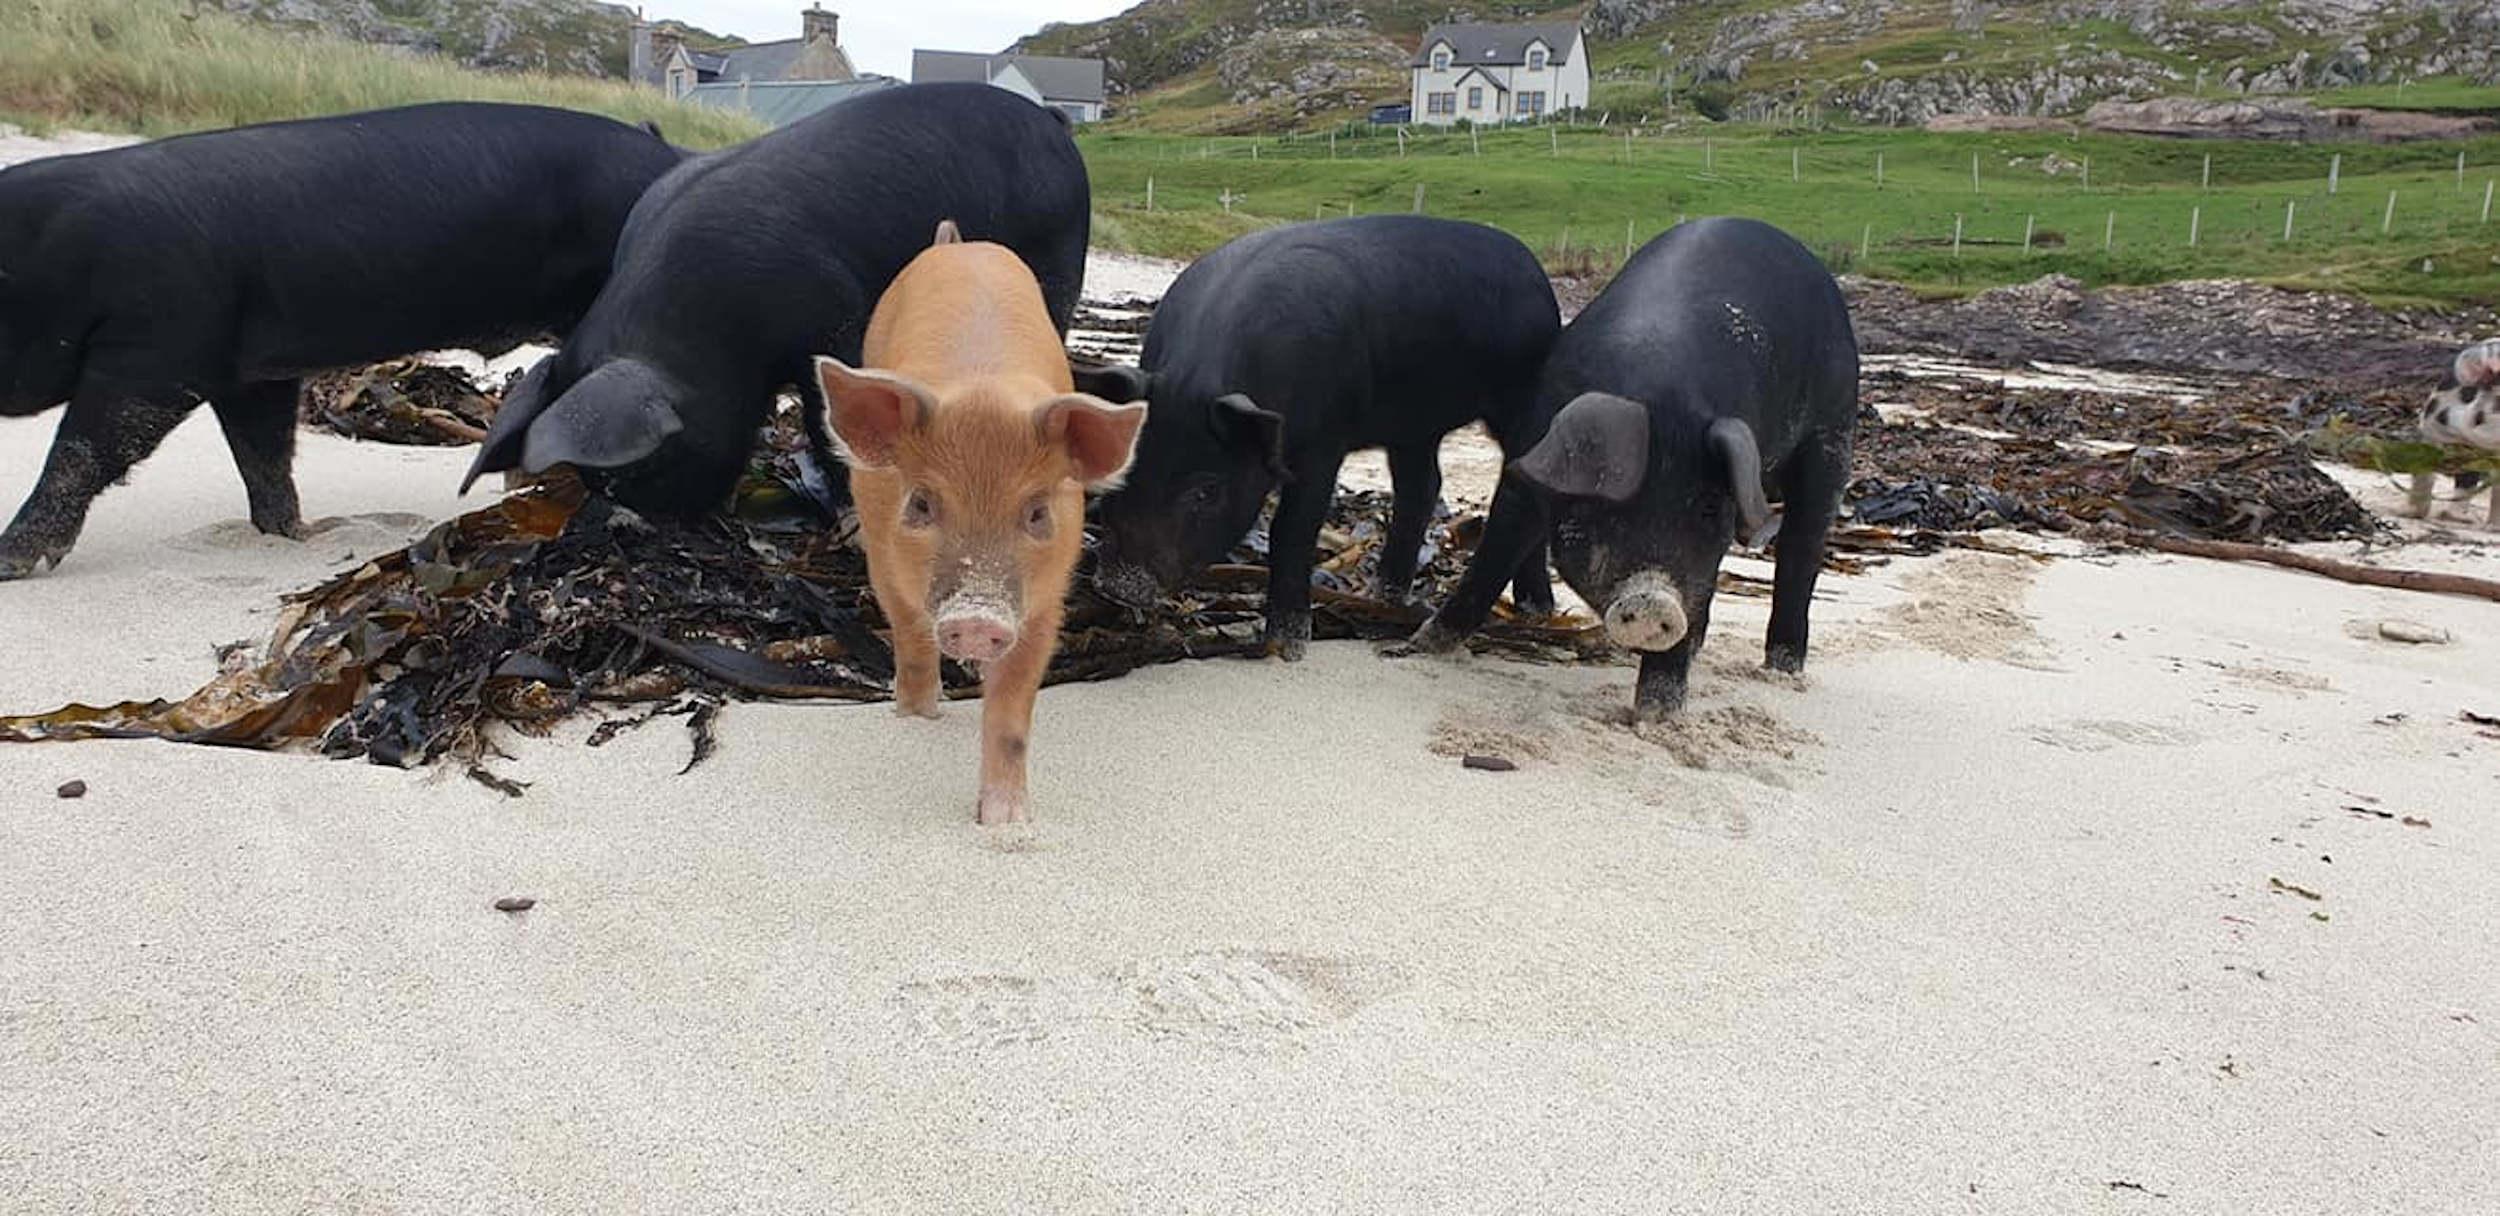 Pigs on beach